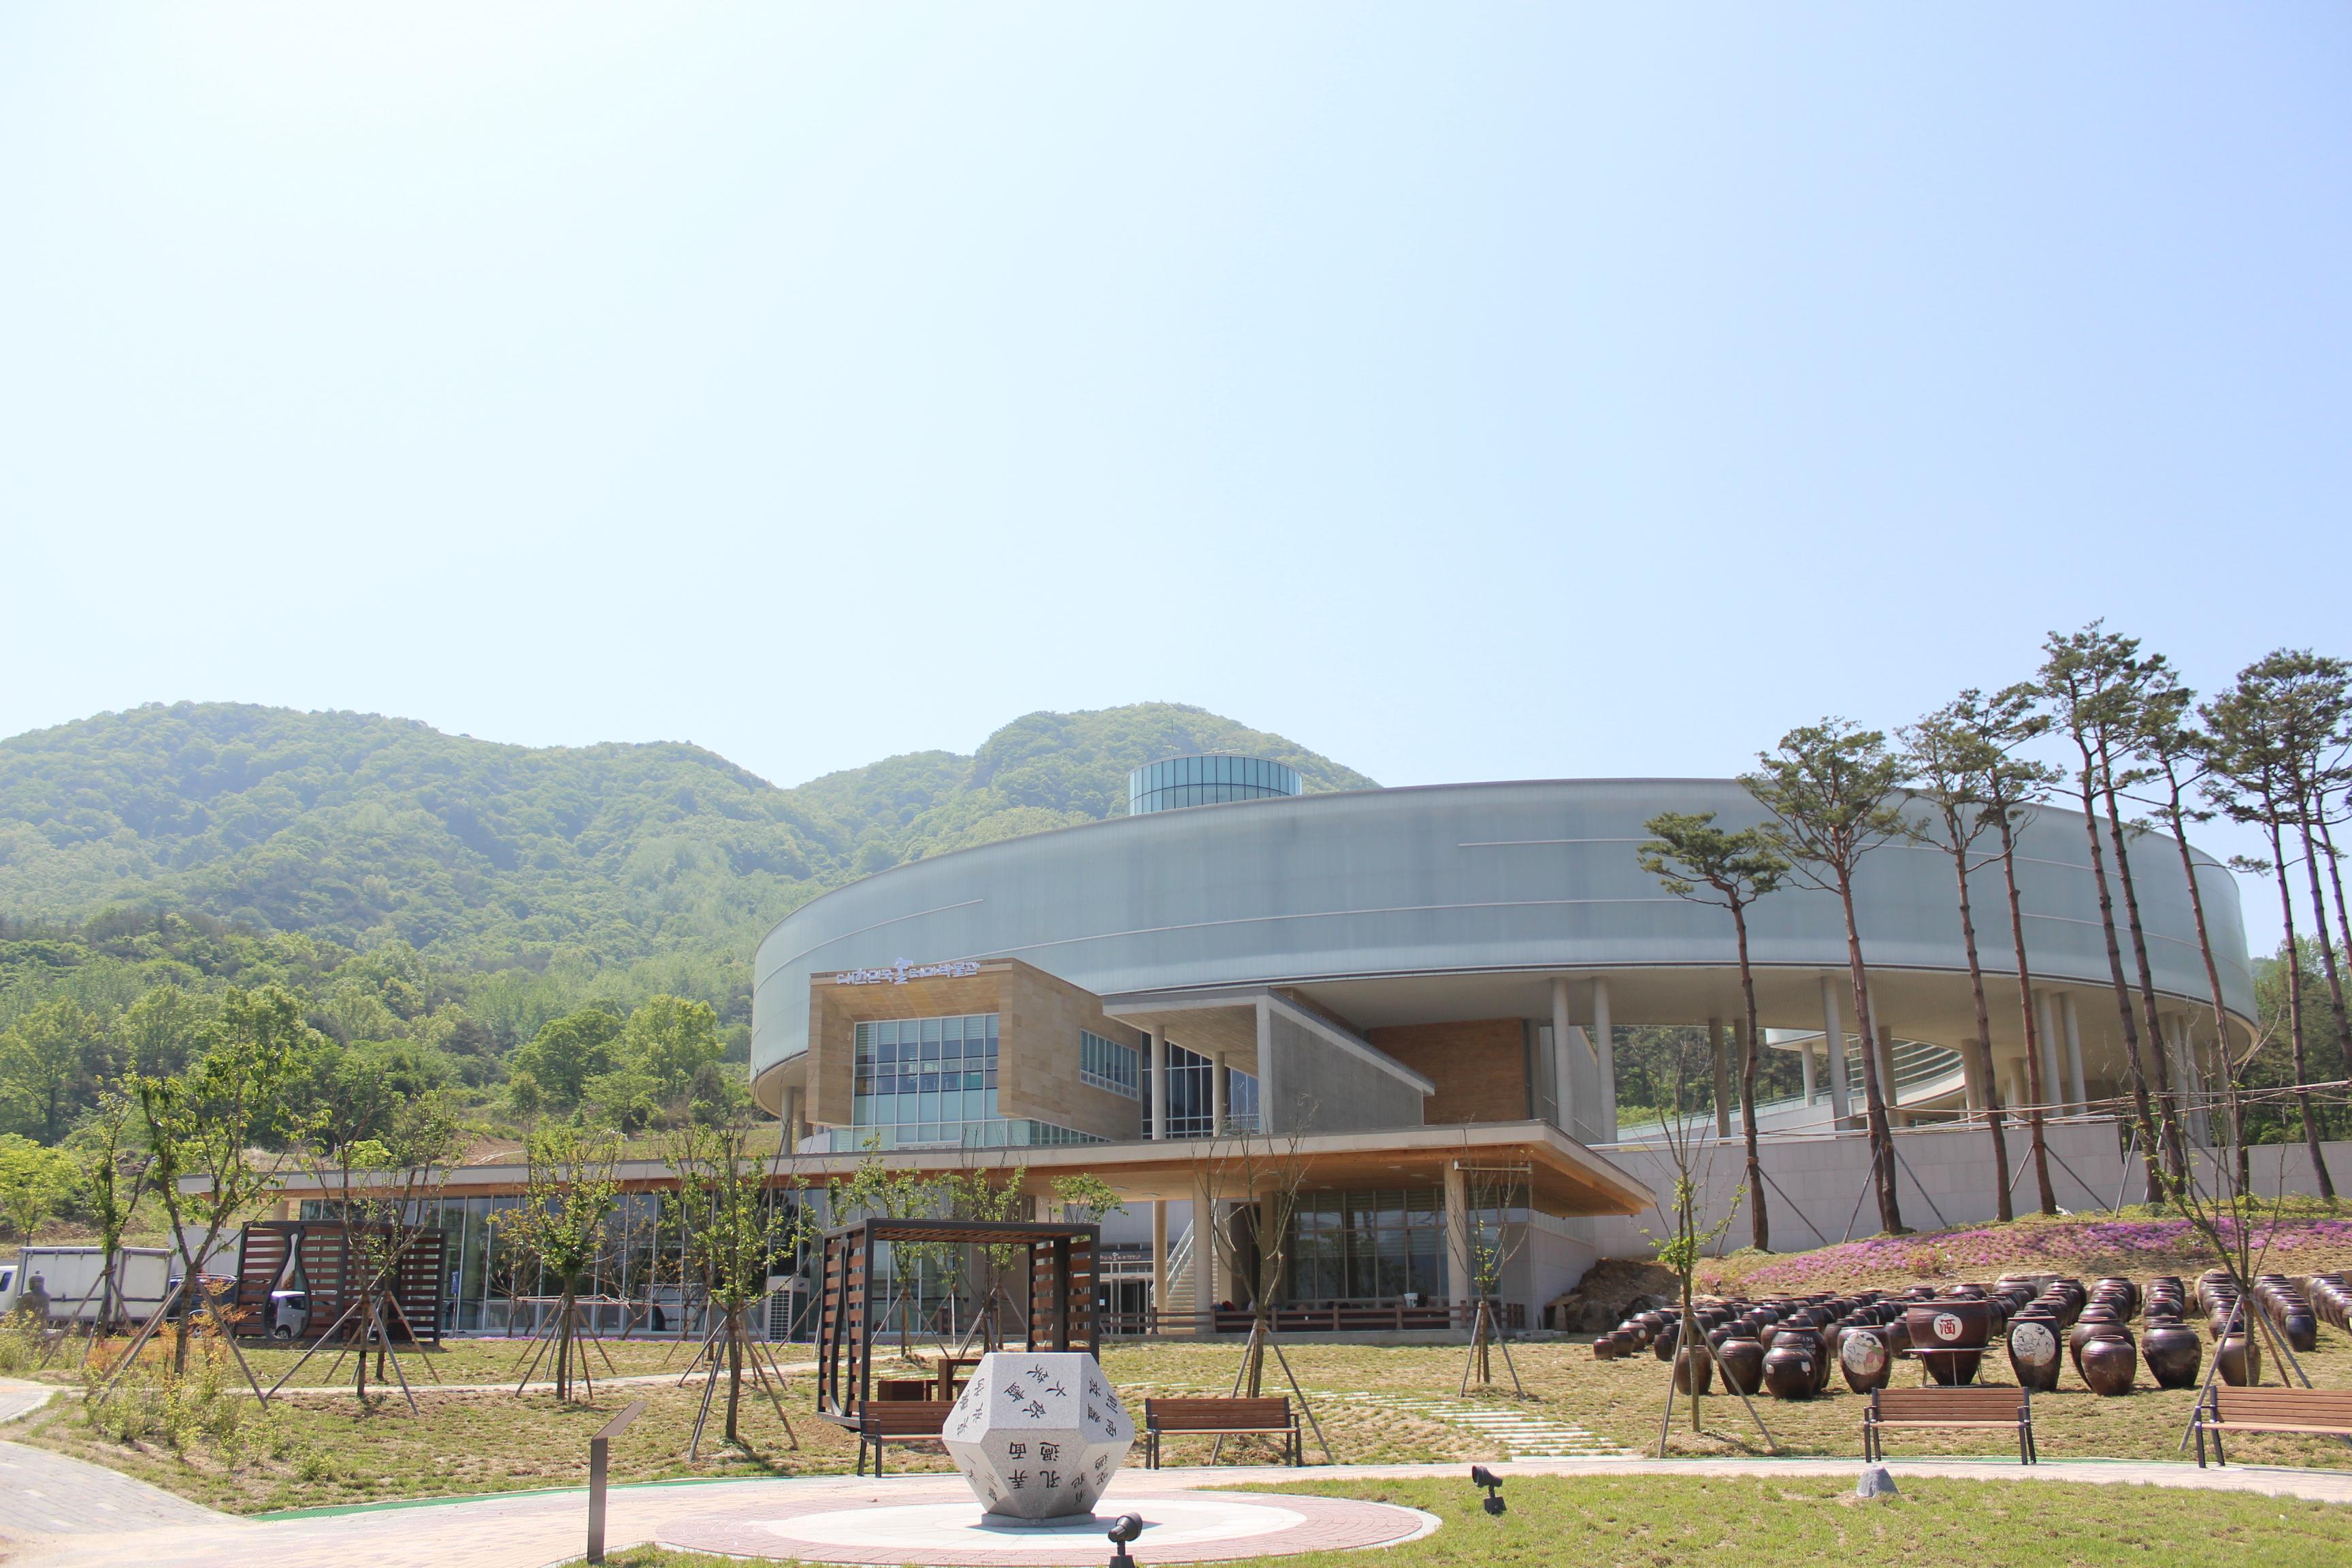 완주 술테마박물관